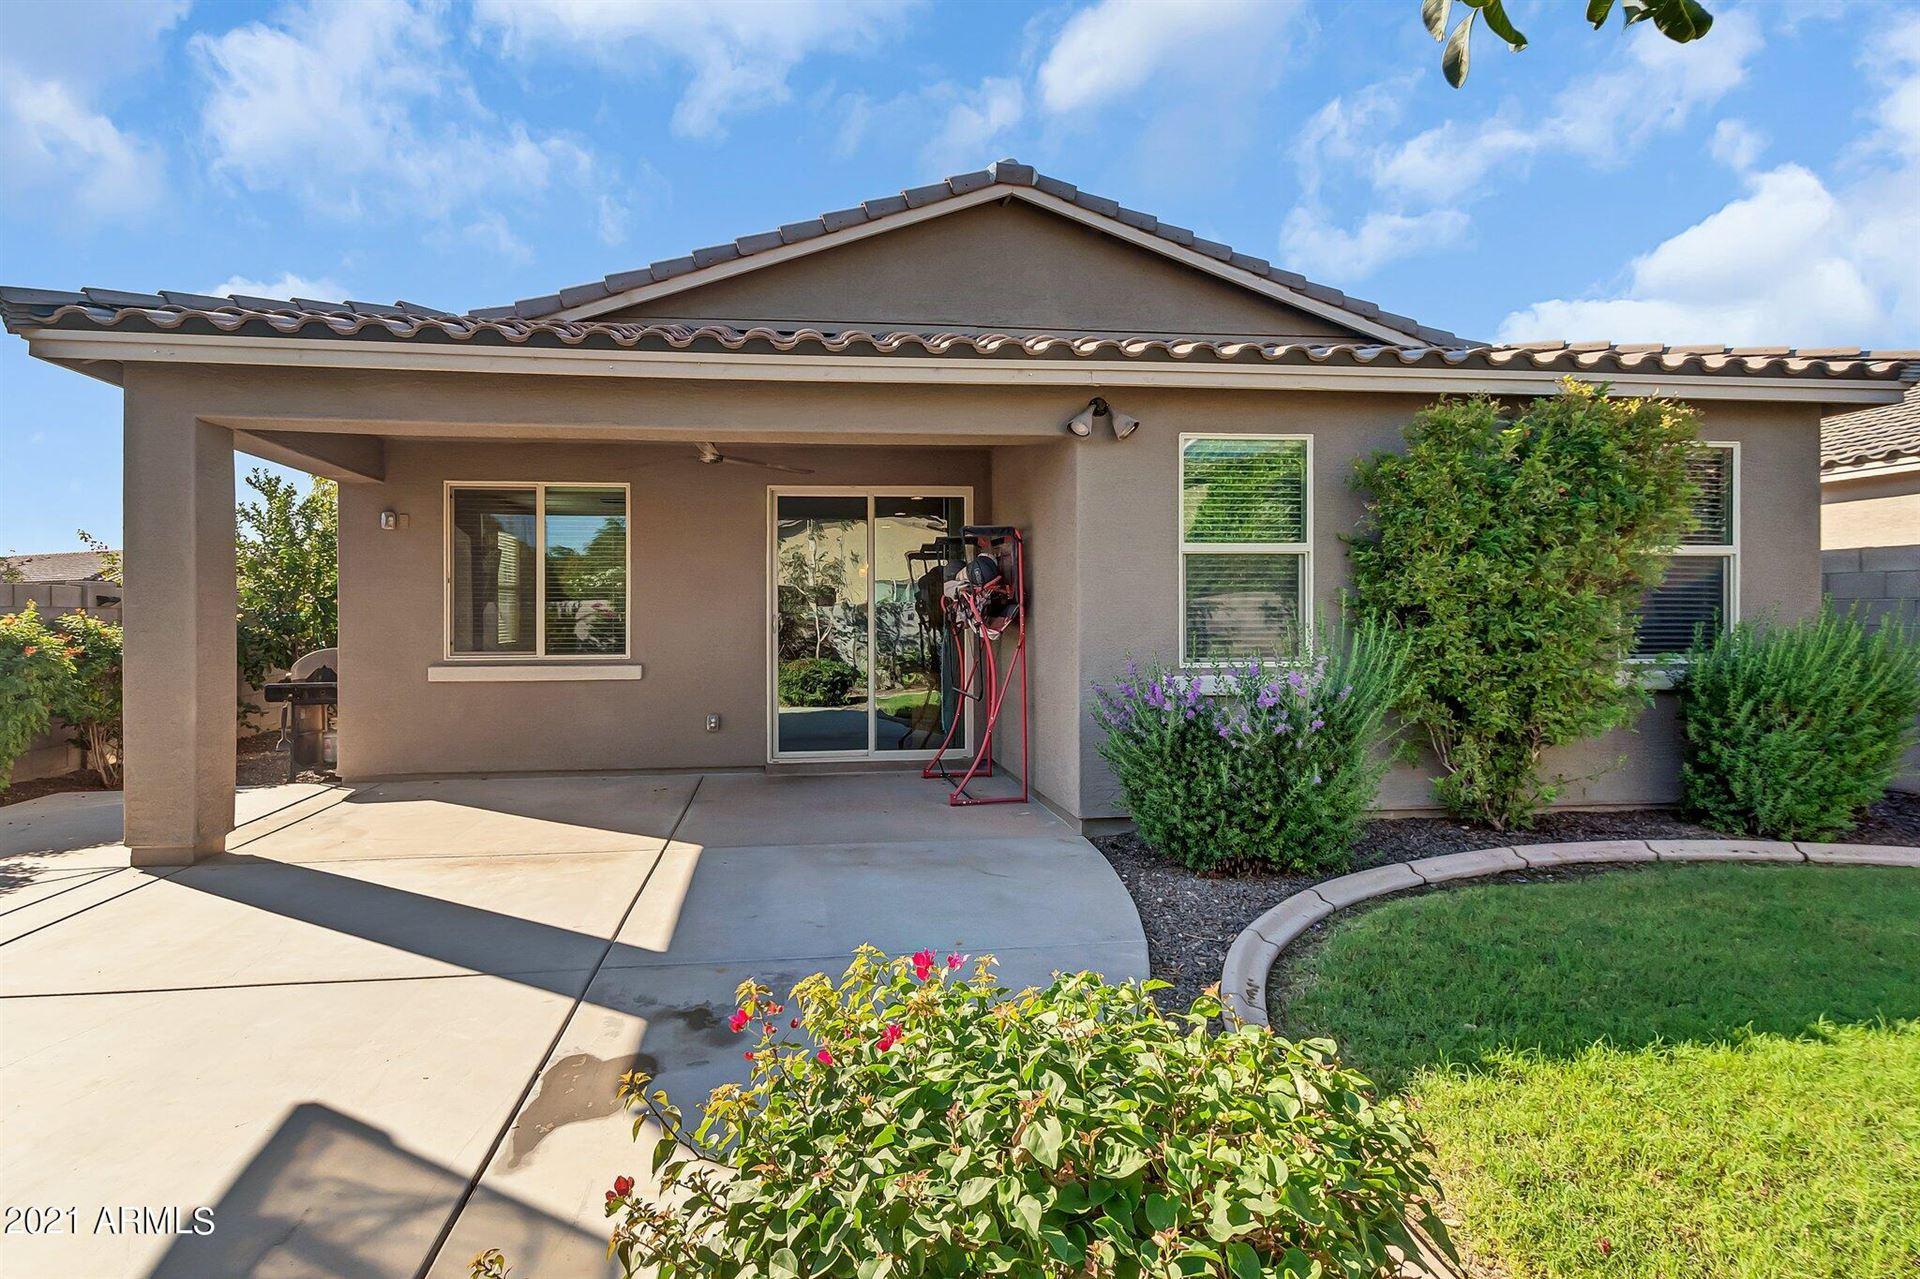 Photo of 9304 W JONES Avenue, Tolleson, AZ 85353 (MLS # 6304488)